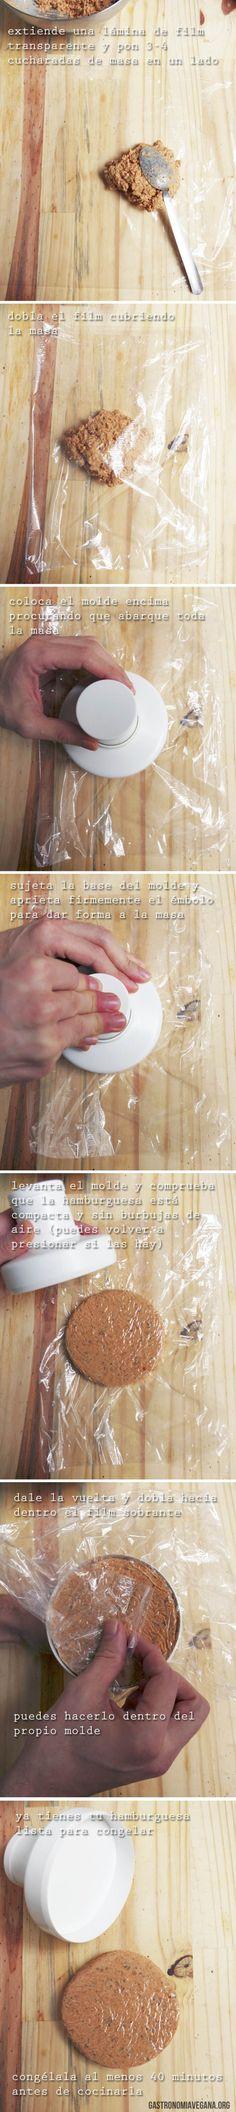 Tutorial para hacer hamburguesas veganas con molde